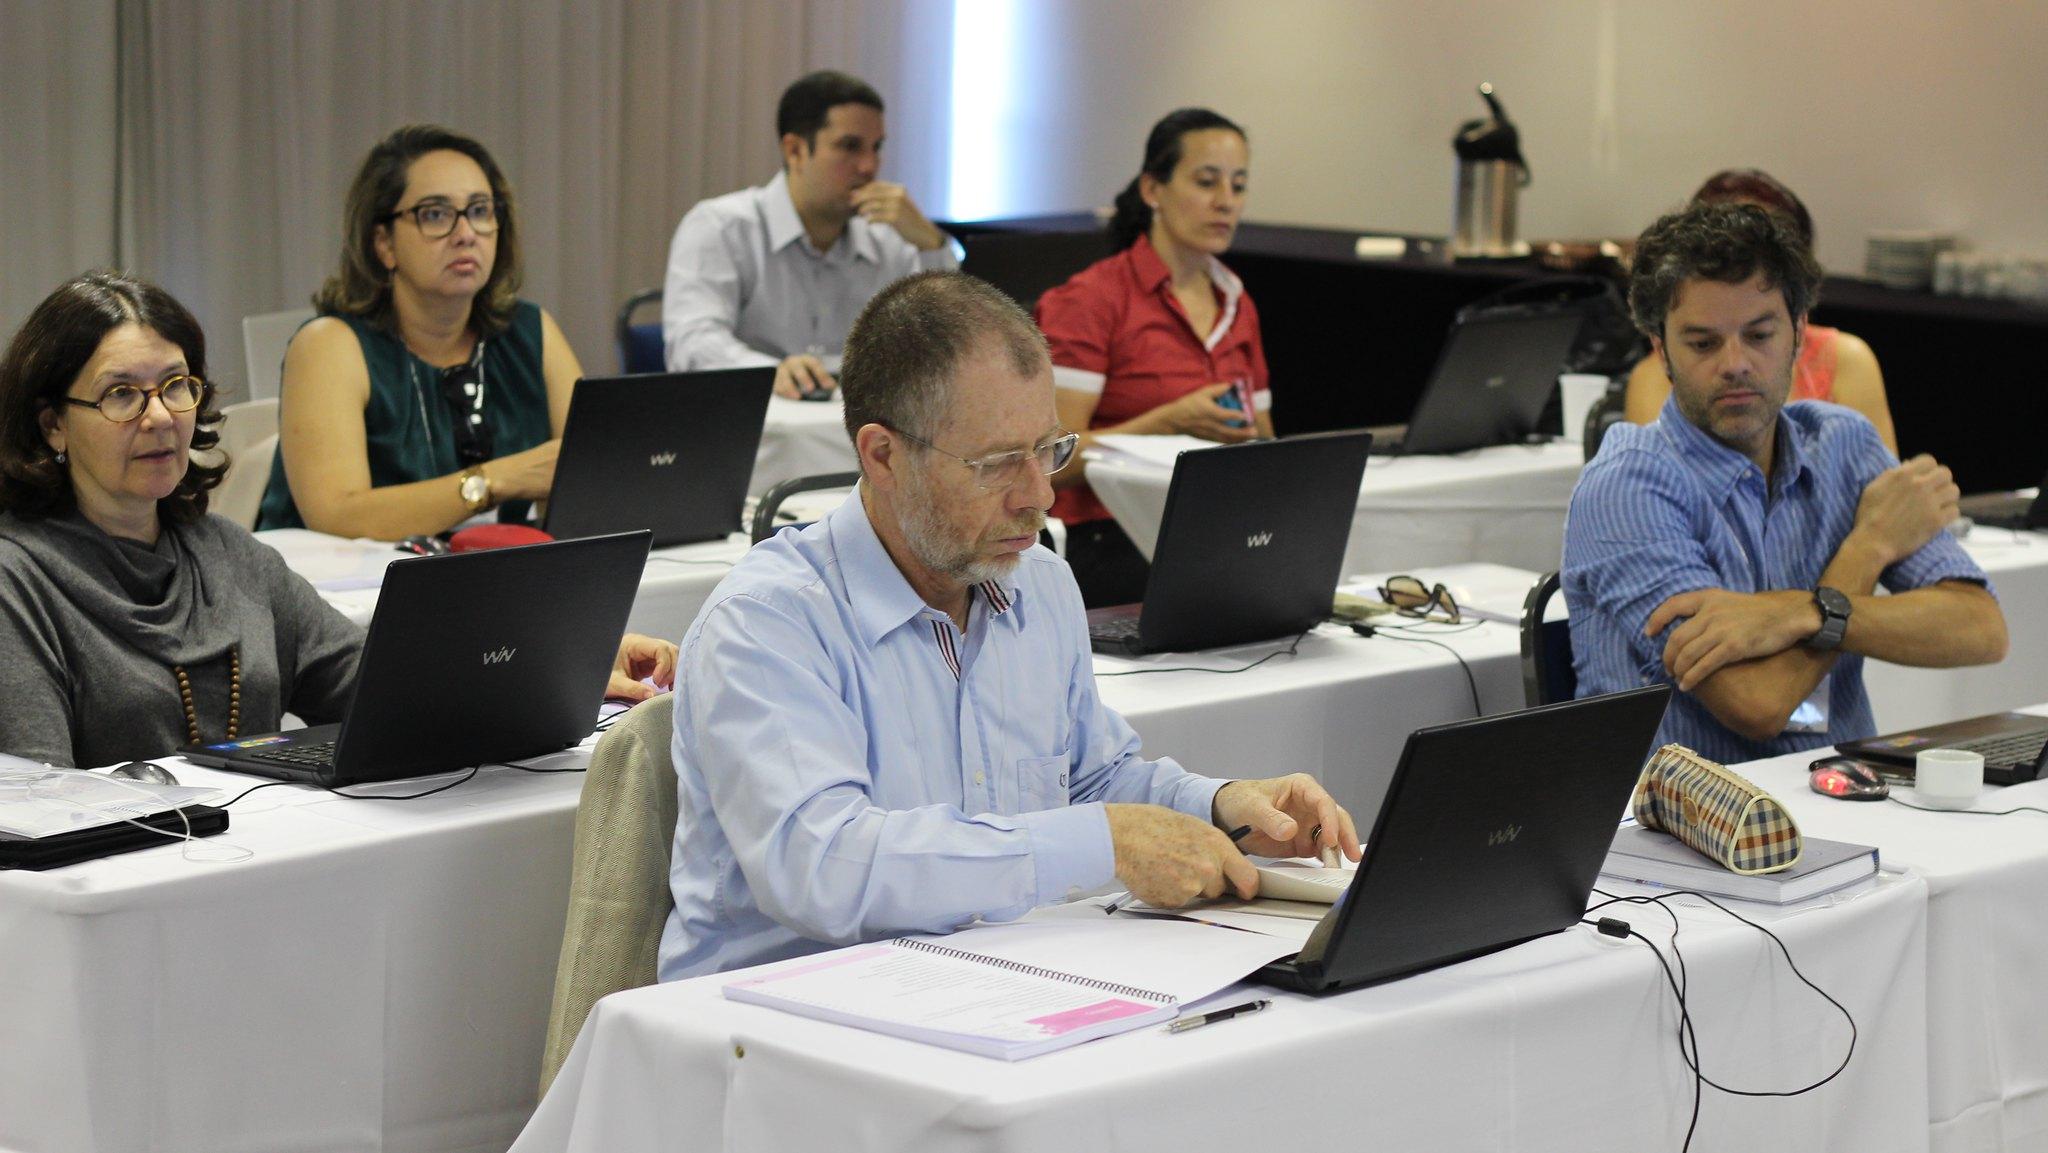 Técnicos e gestores participam de treinamento sobre software em Brasília